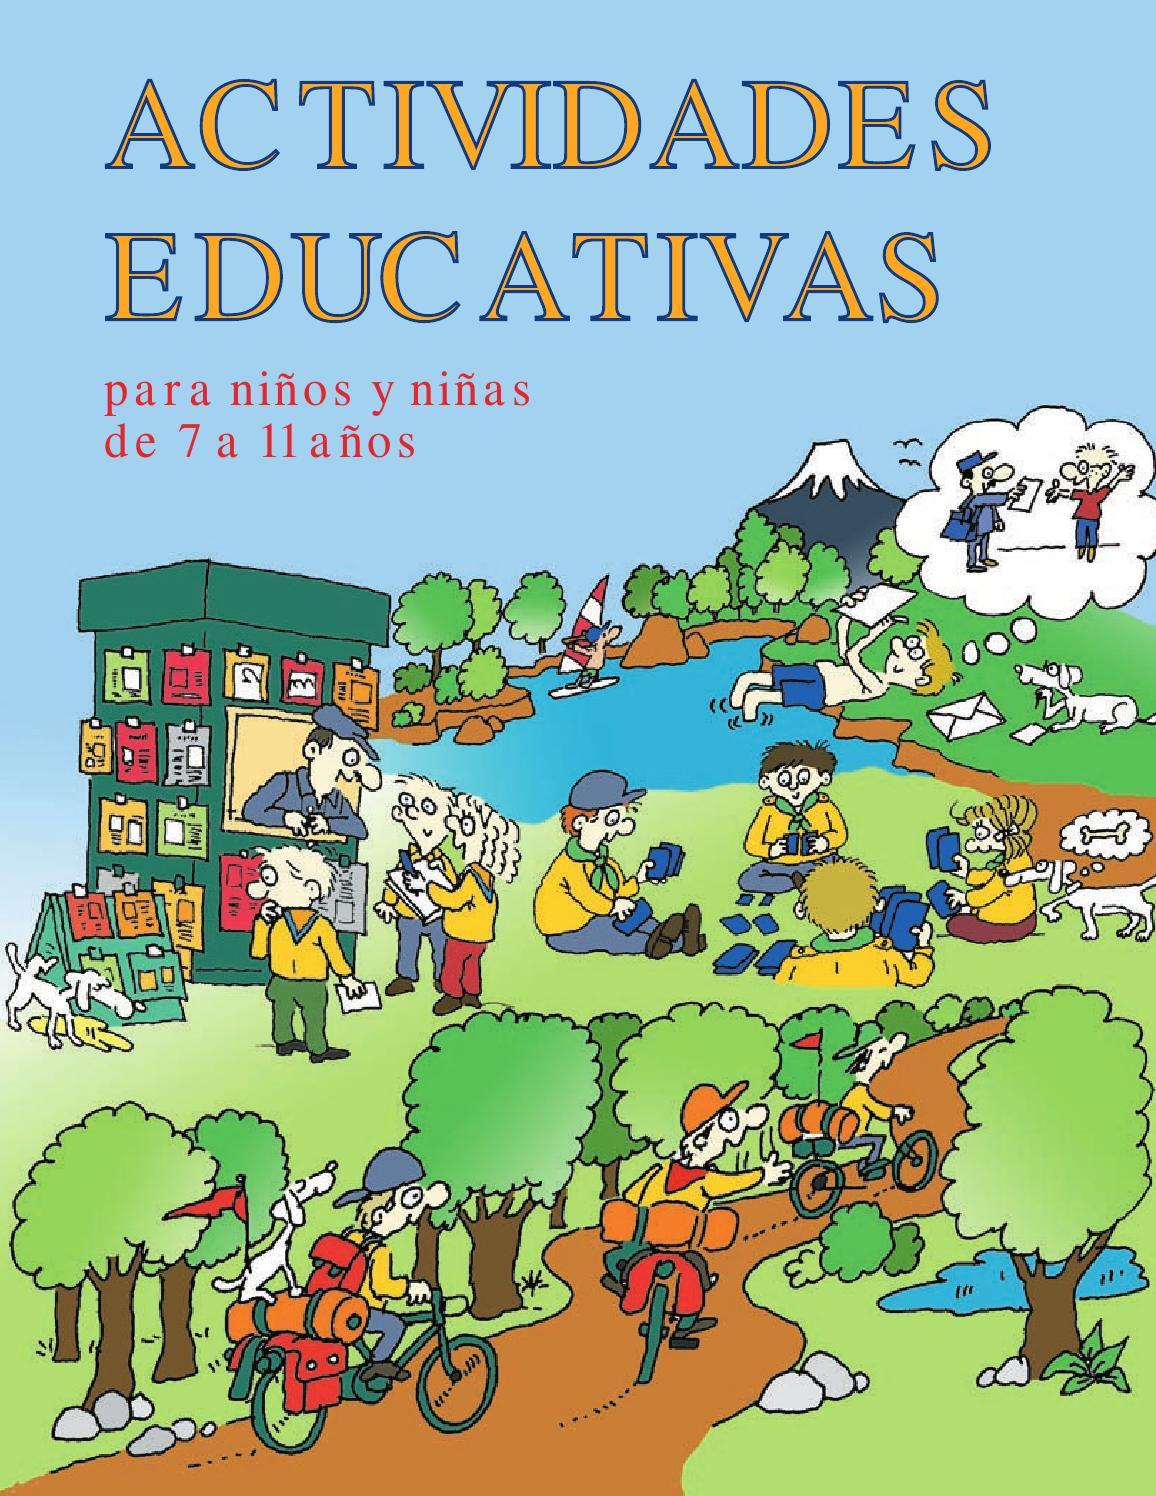 Actividades Educativas para niños y niñas de 7 a 11 años by Dario ...